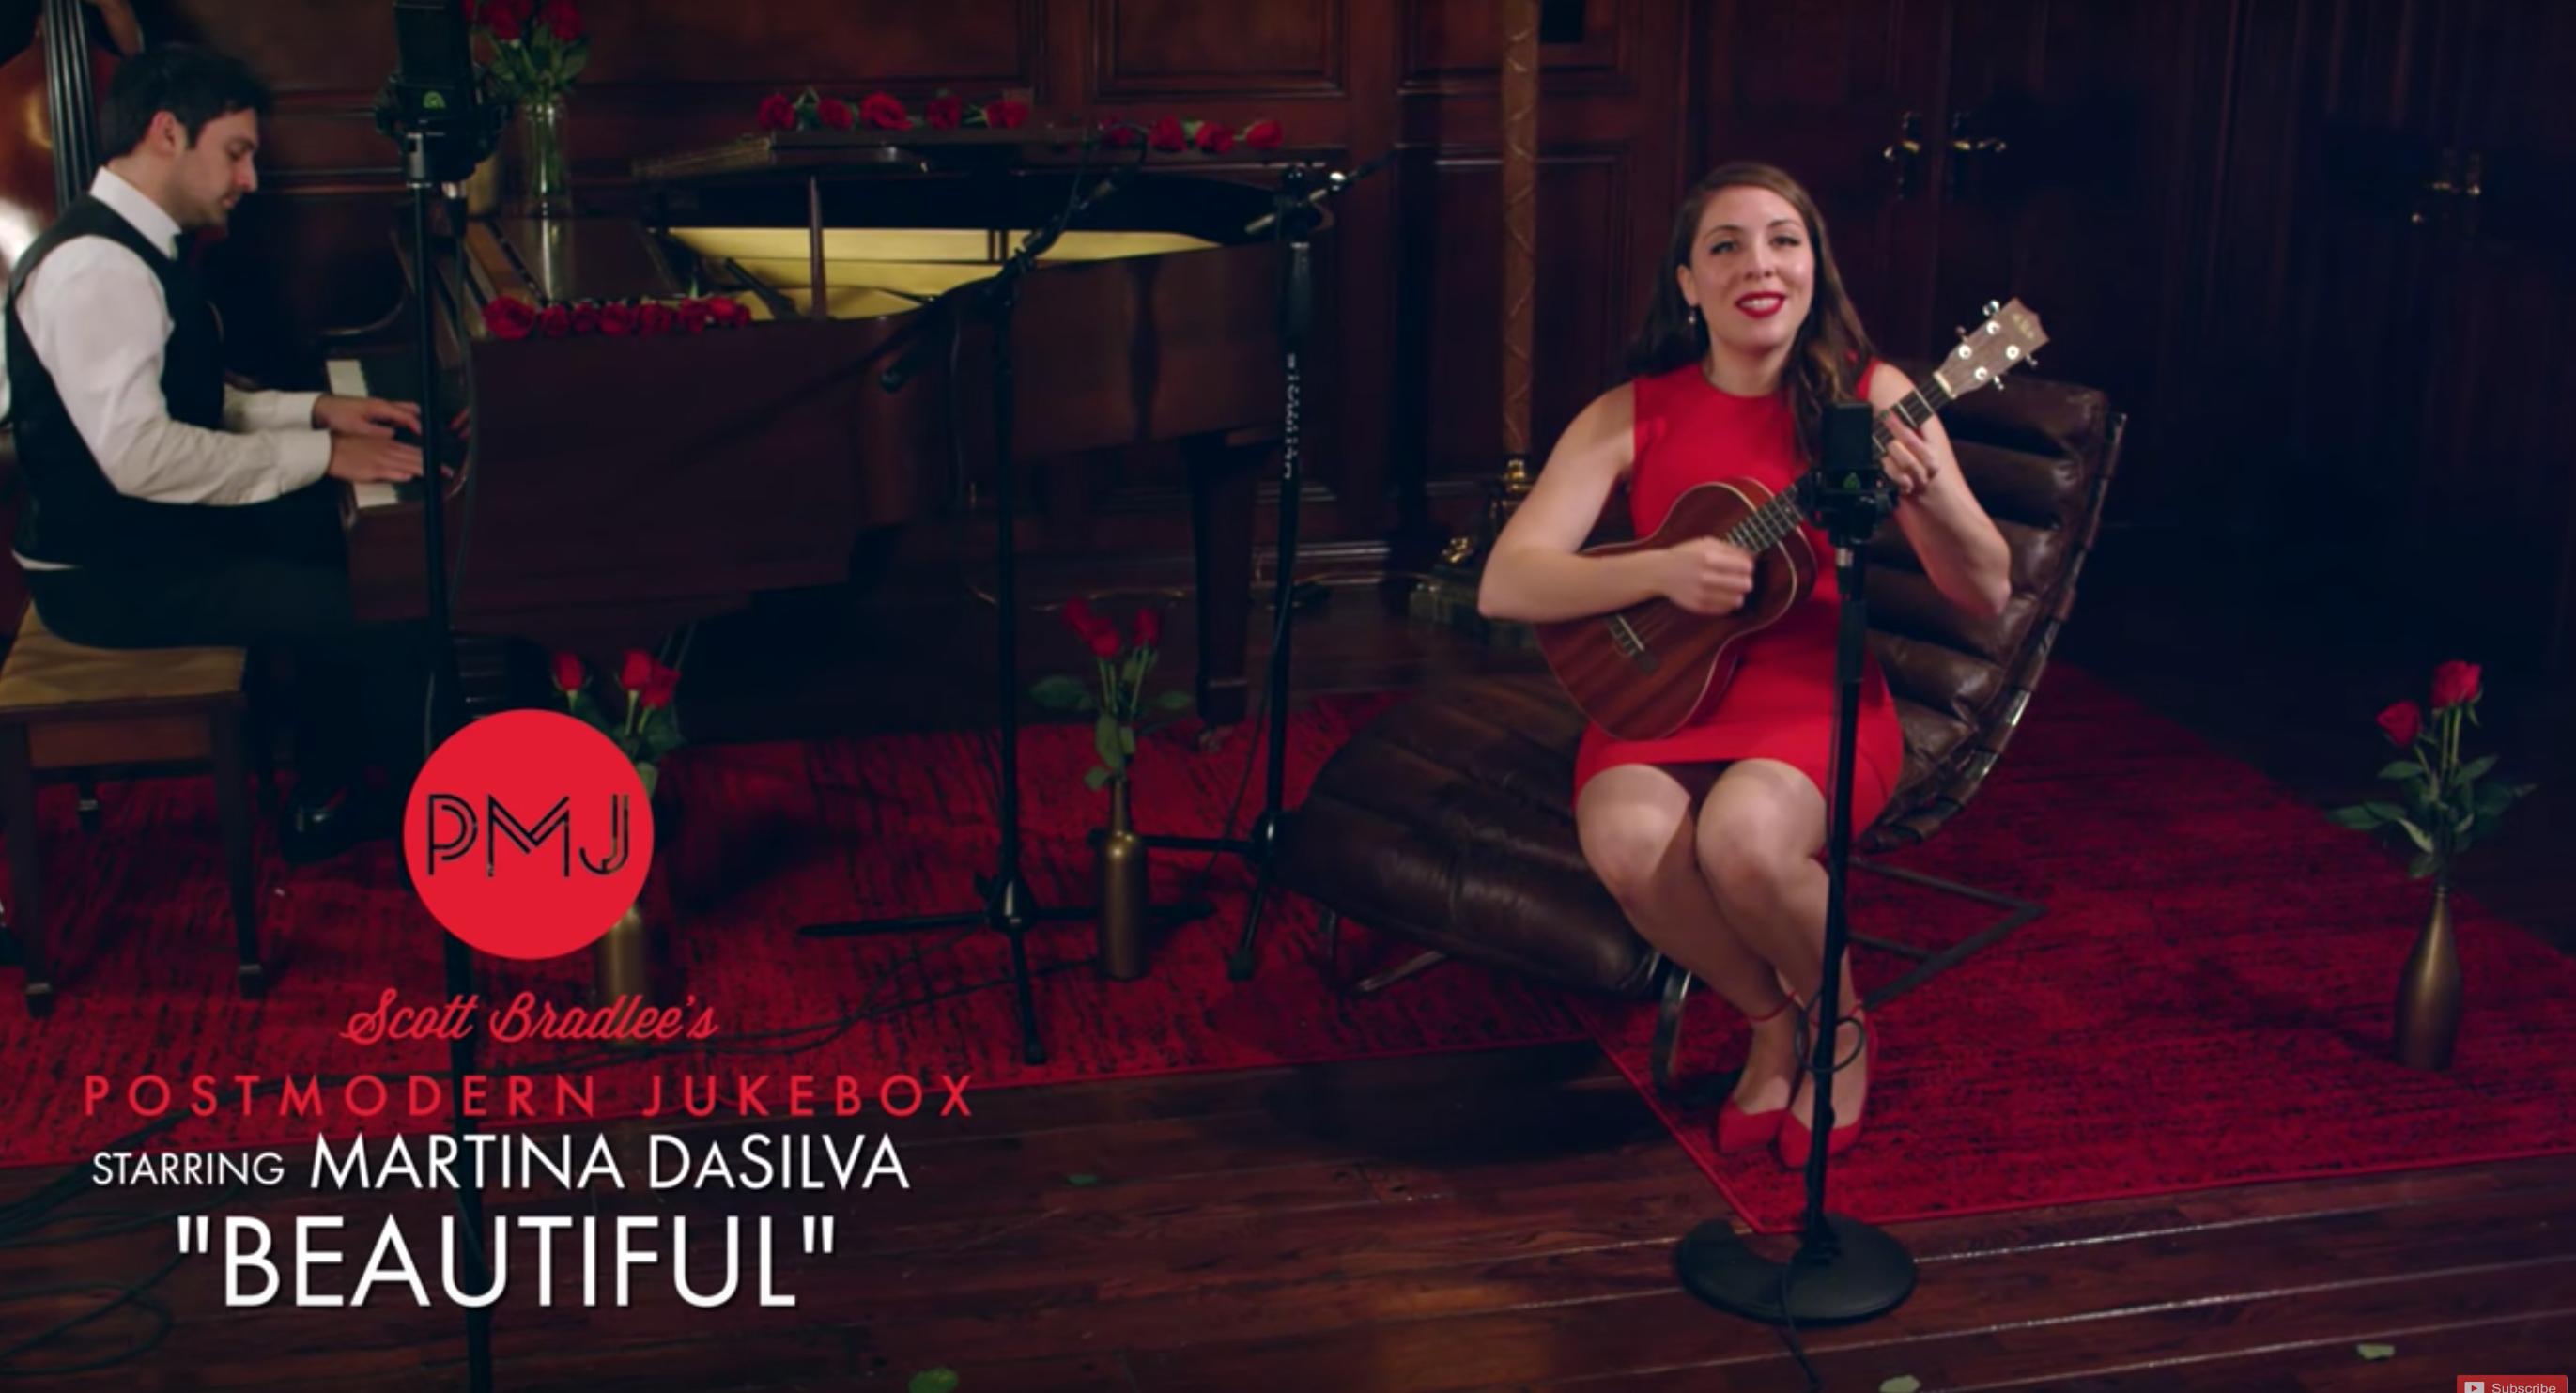 Beautiful – Christina Aguilera (Jazz Cover) ft. Martina DaSilva